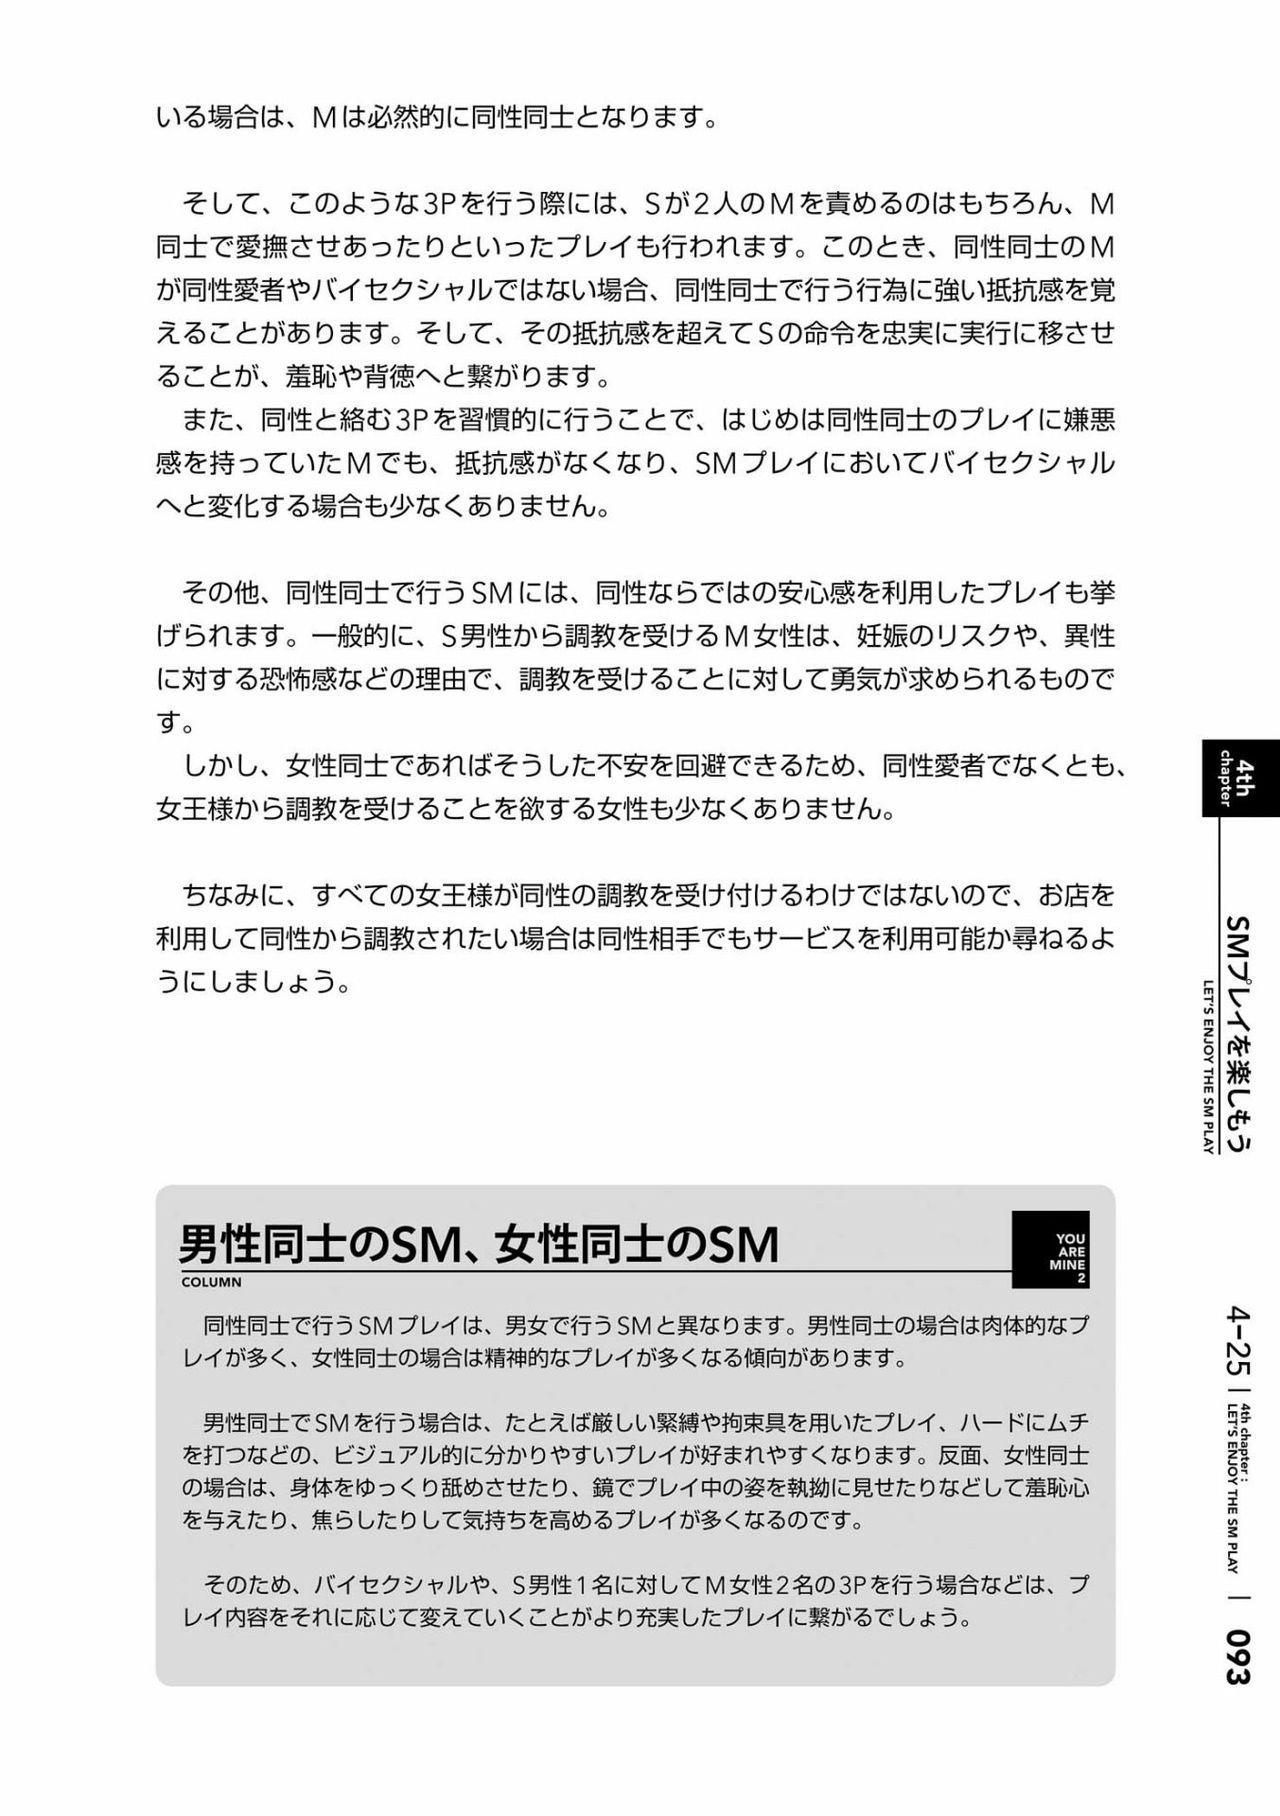 [Mitsuba] Karada mo Kokoro mo Boku no Mono ~Hajimete no SM Guide~ 2 [Digital] 95